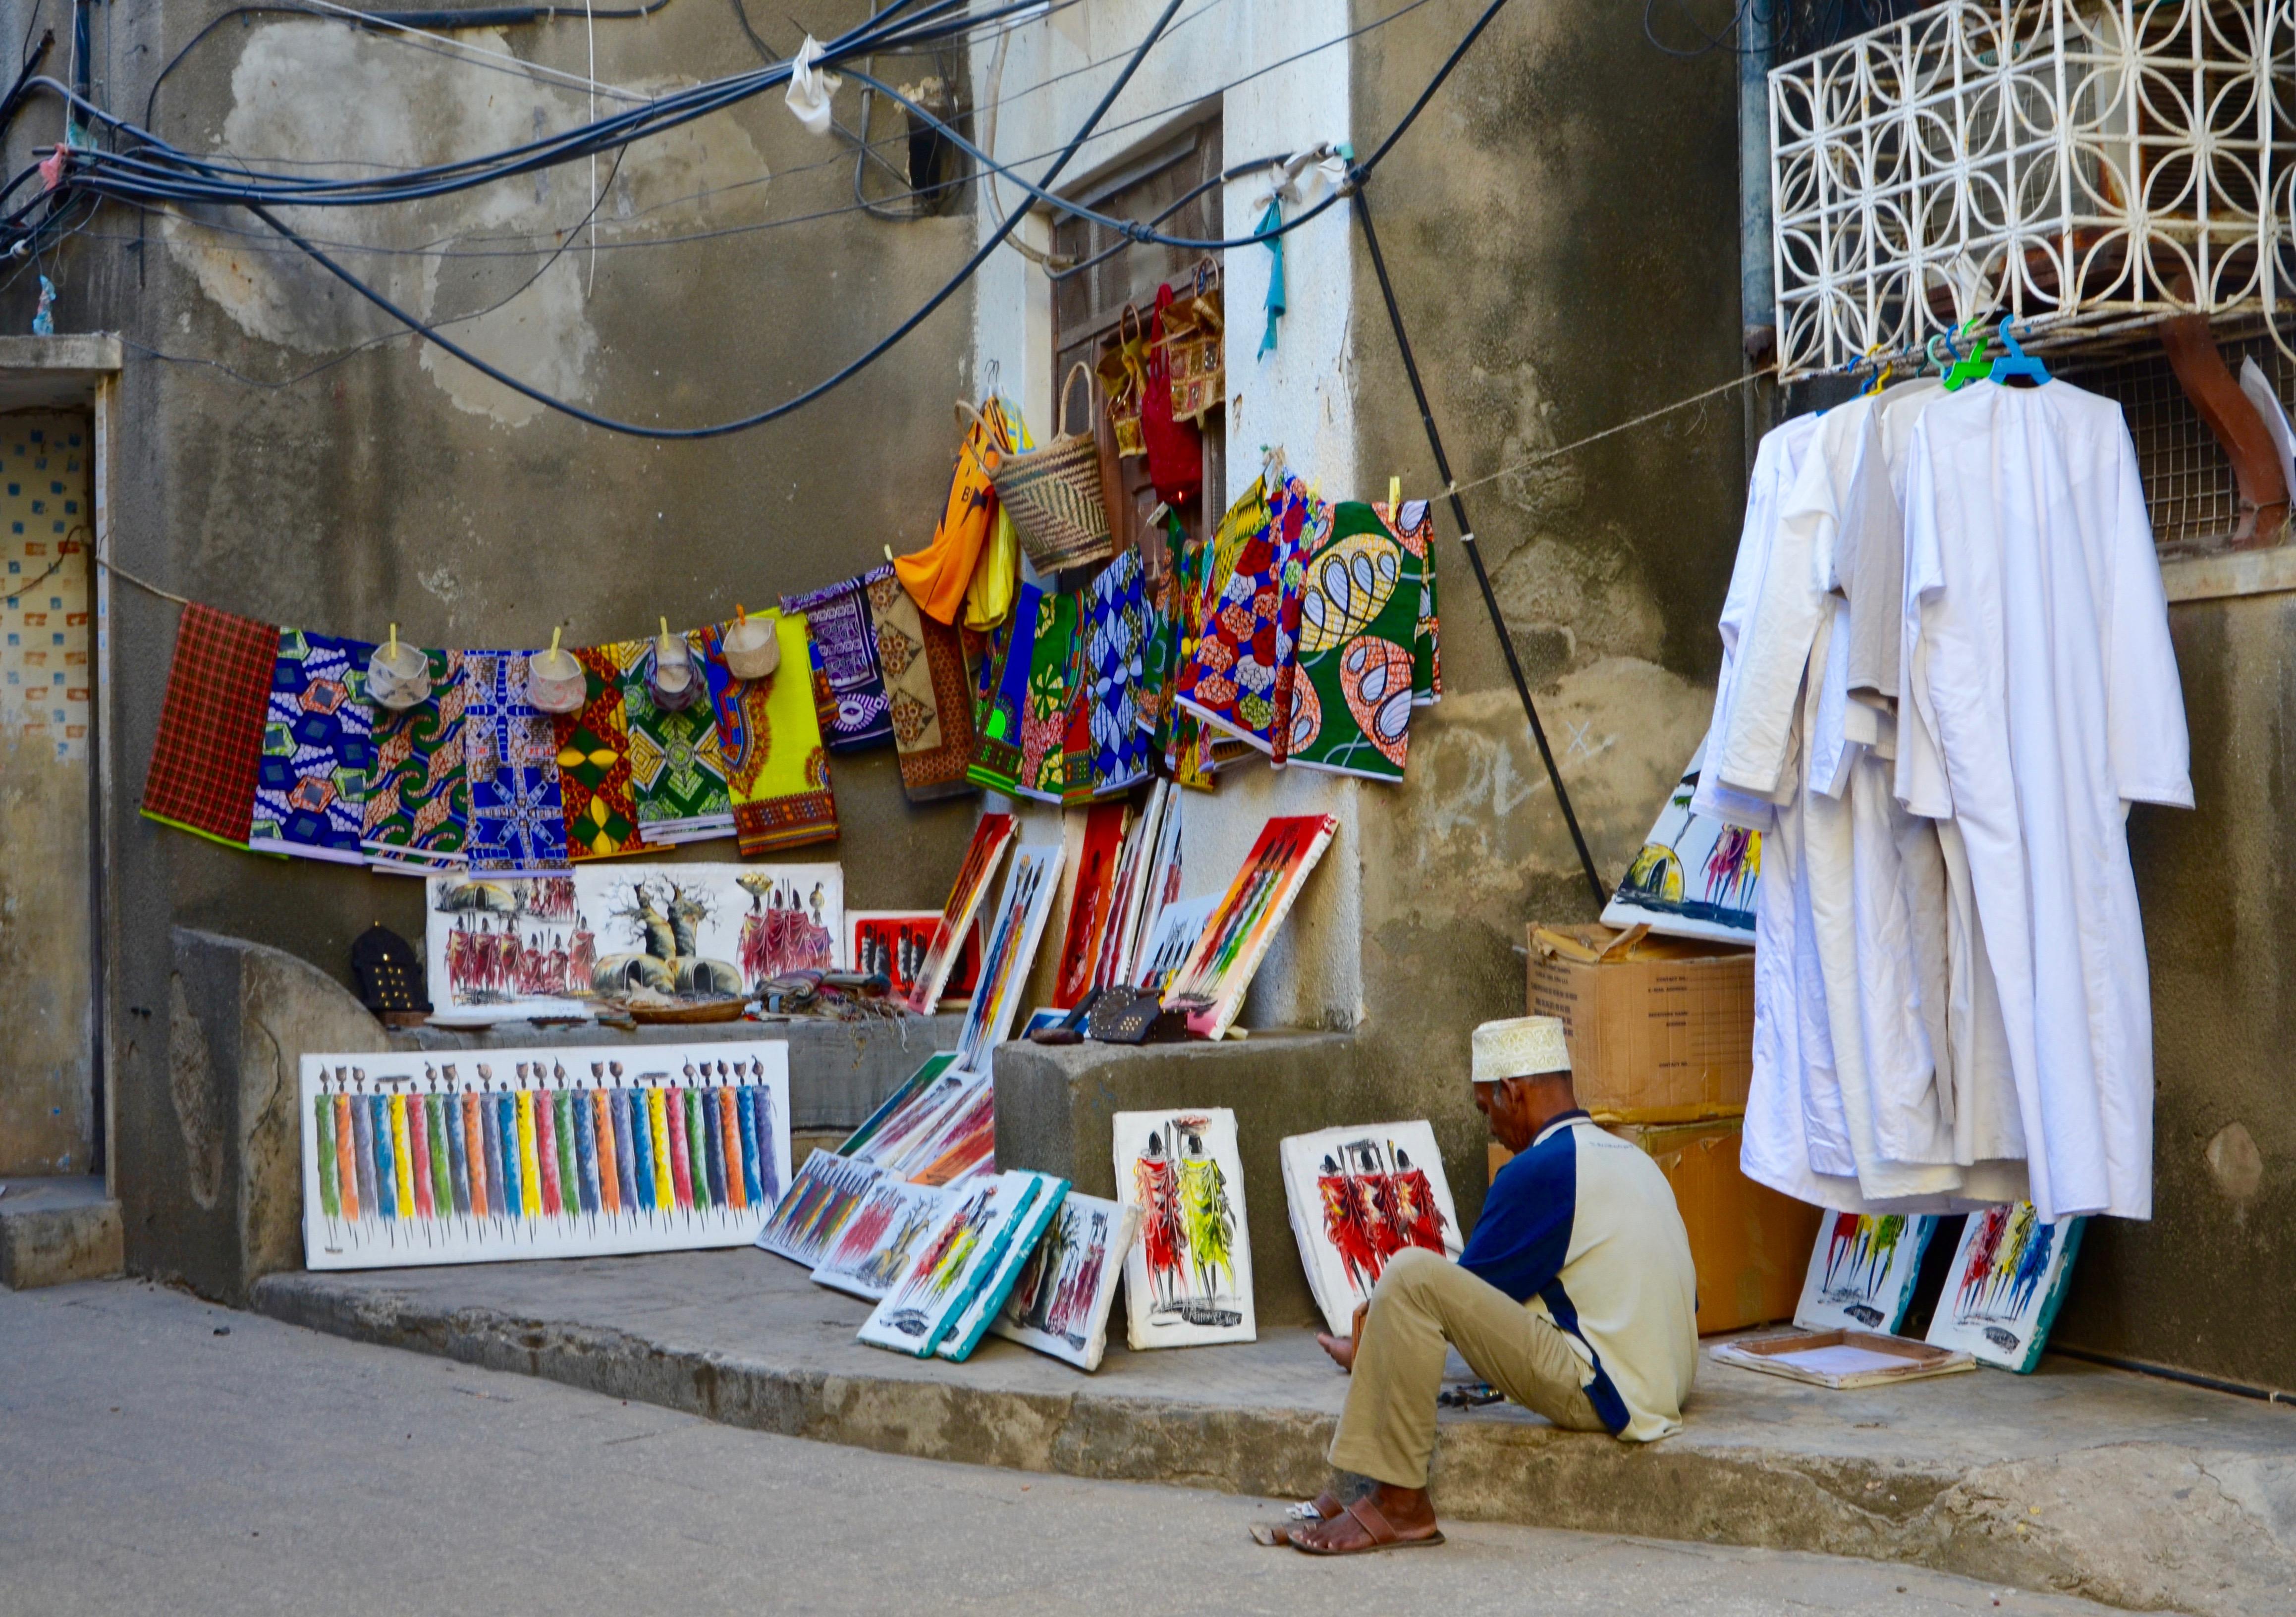 Zanzibar - trh s ručnými výrobkami